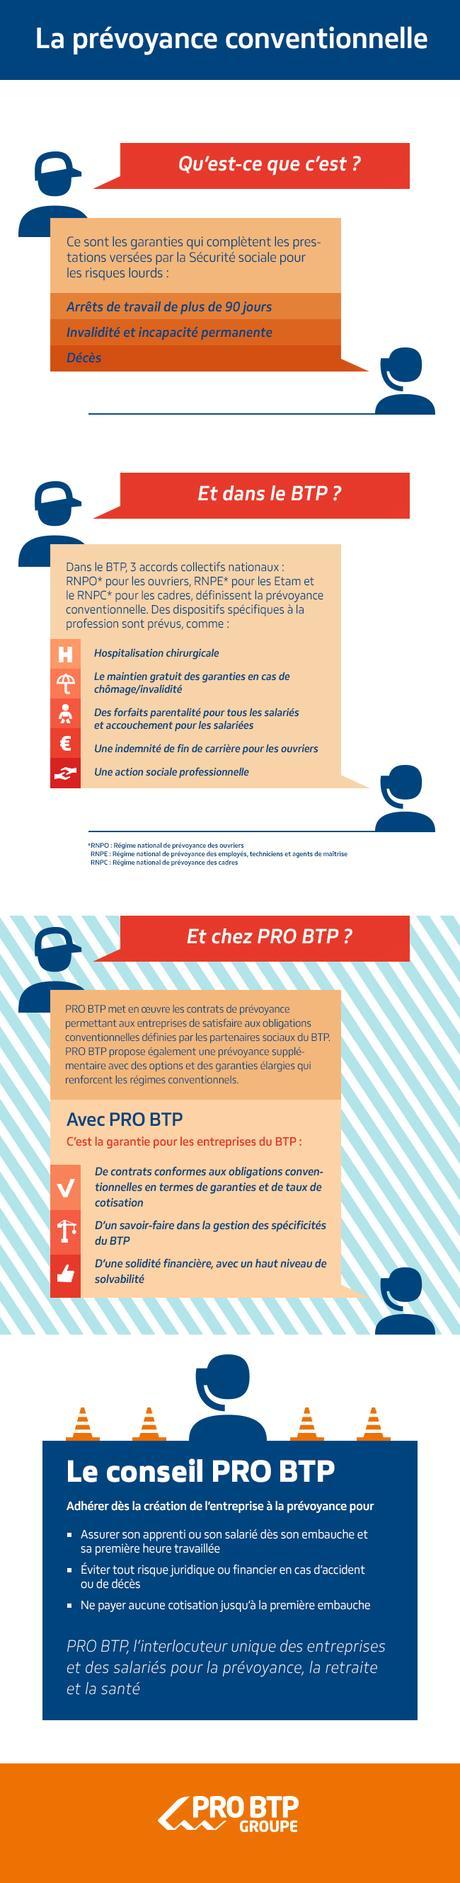 Assurance prévoyance pour vos salariés - Offres PRO BTP